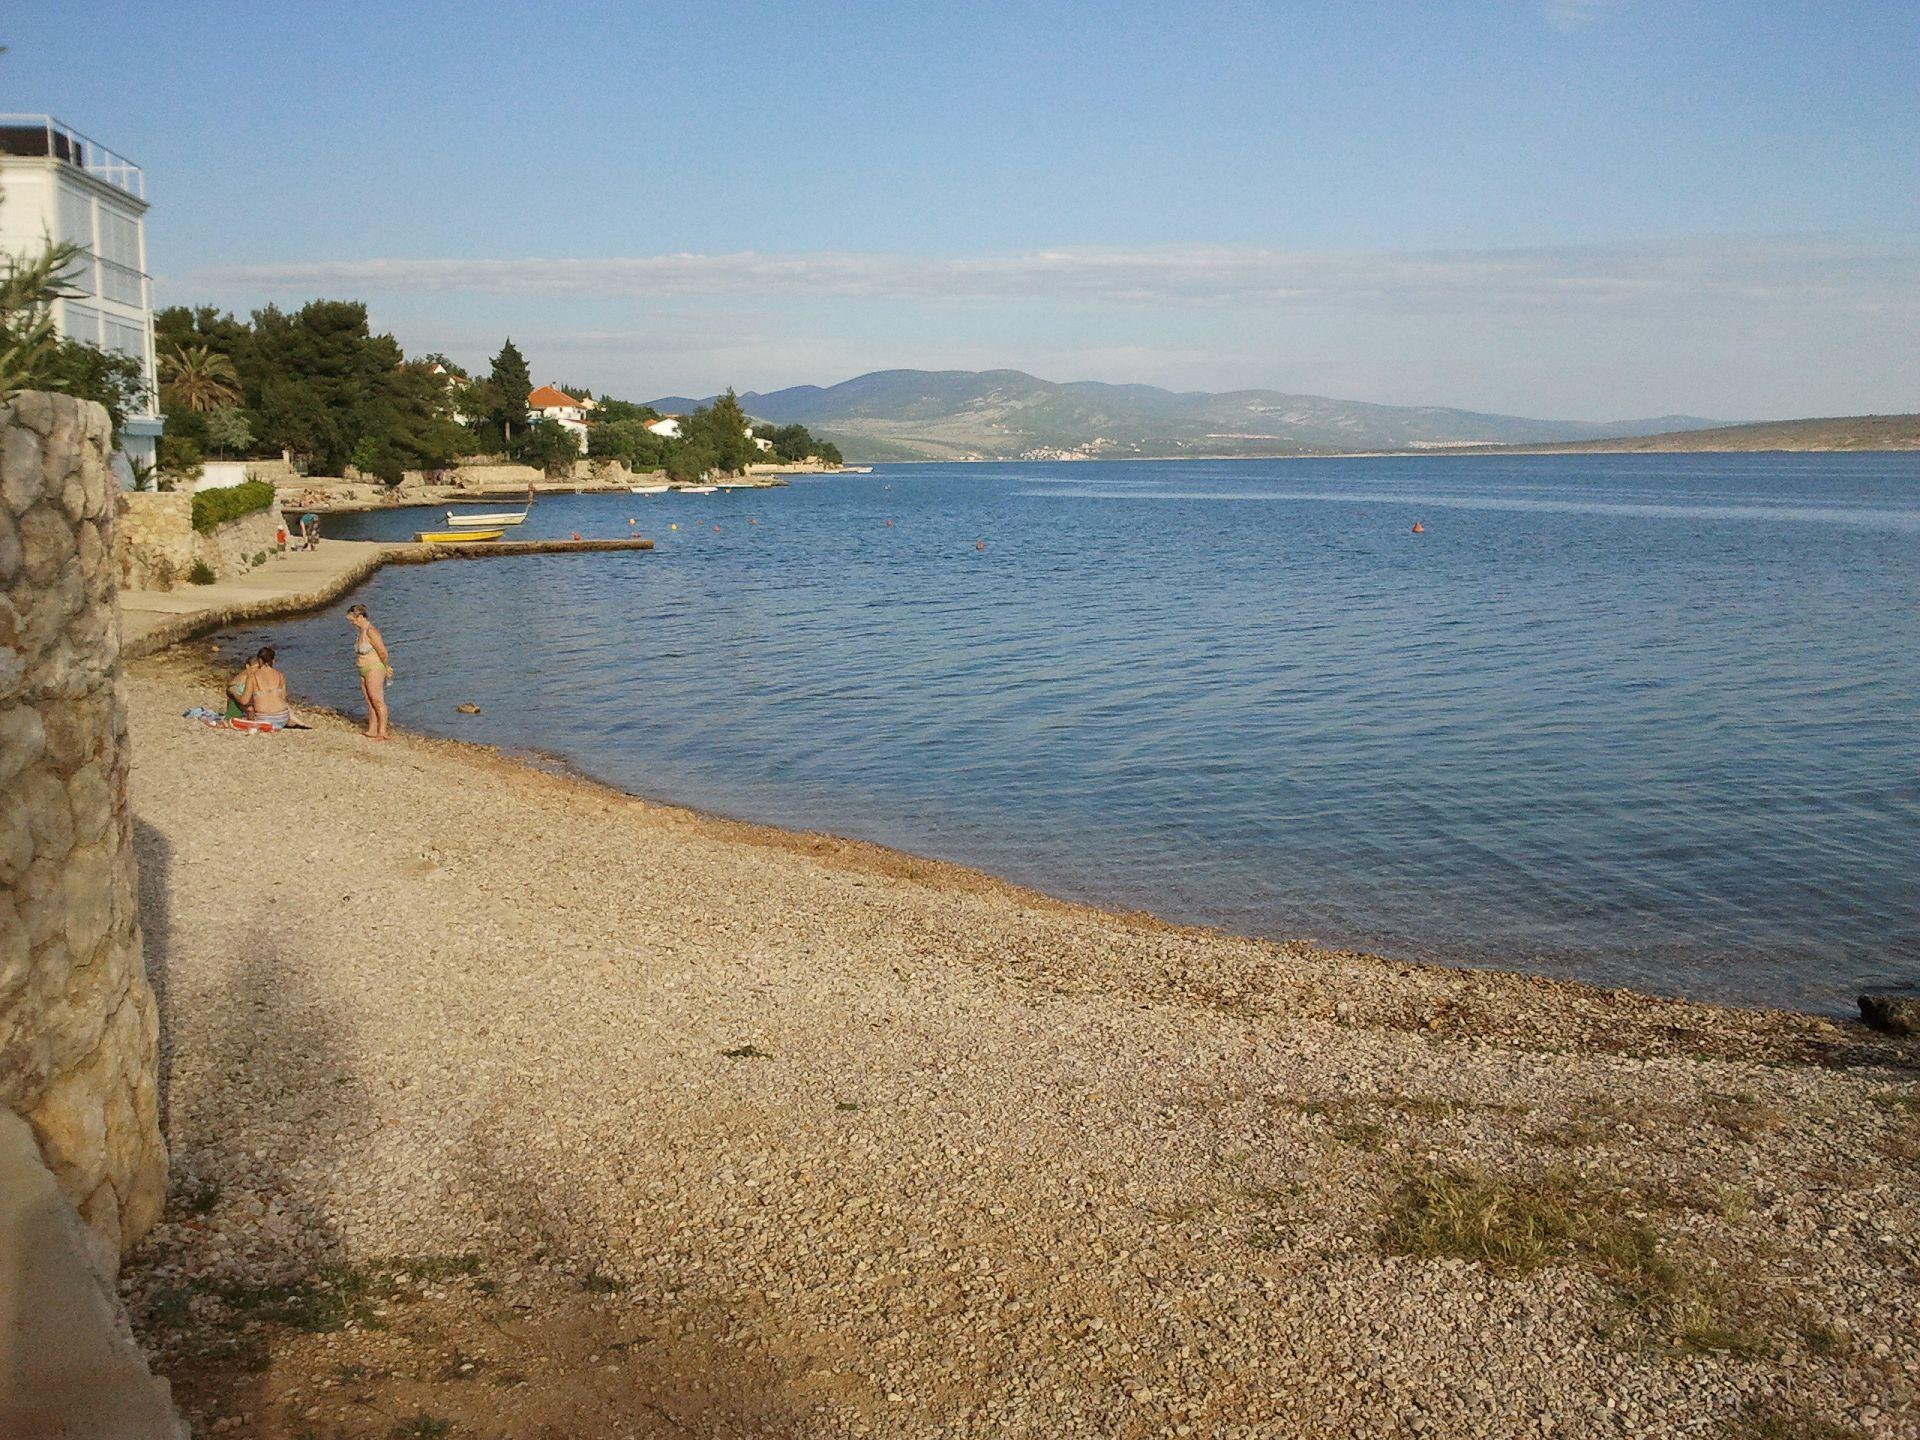 Ferienwohnung Dubravko A1 Bepina (2+2) - Maslenica (817835), Maslenika, , Dalmatien, Kroatien, Bild 5